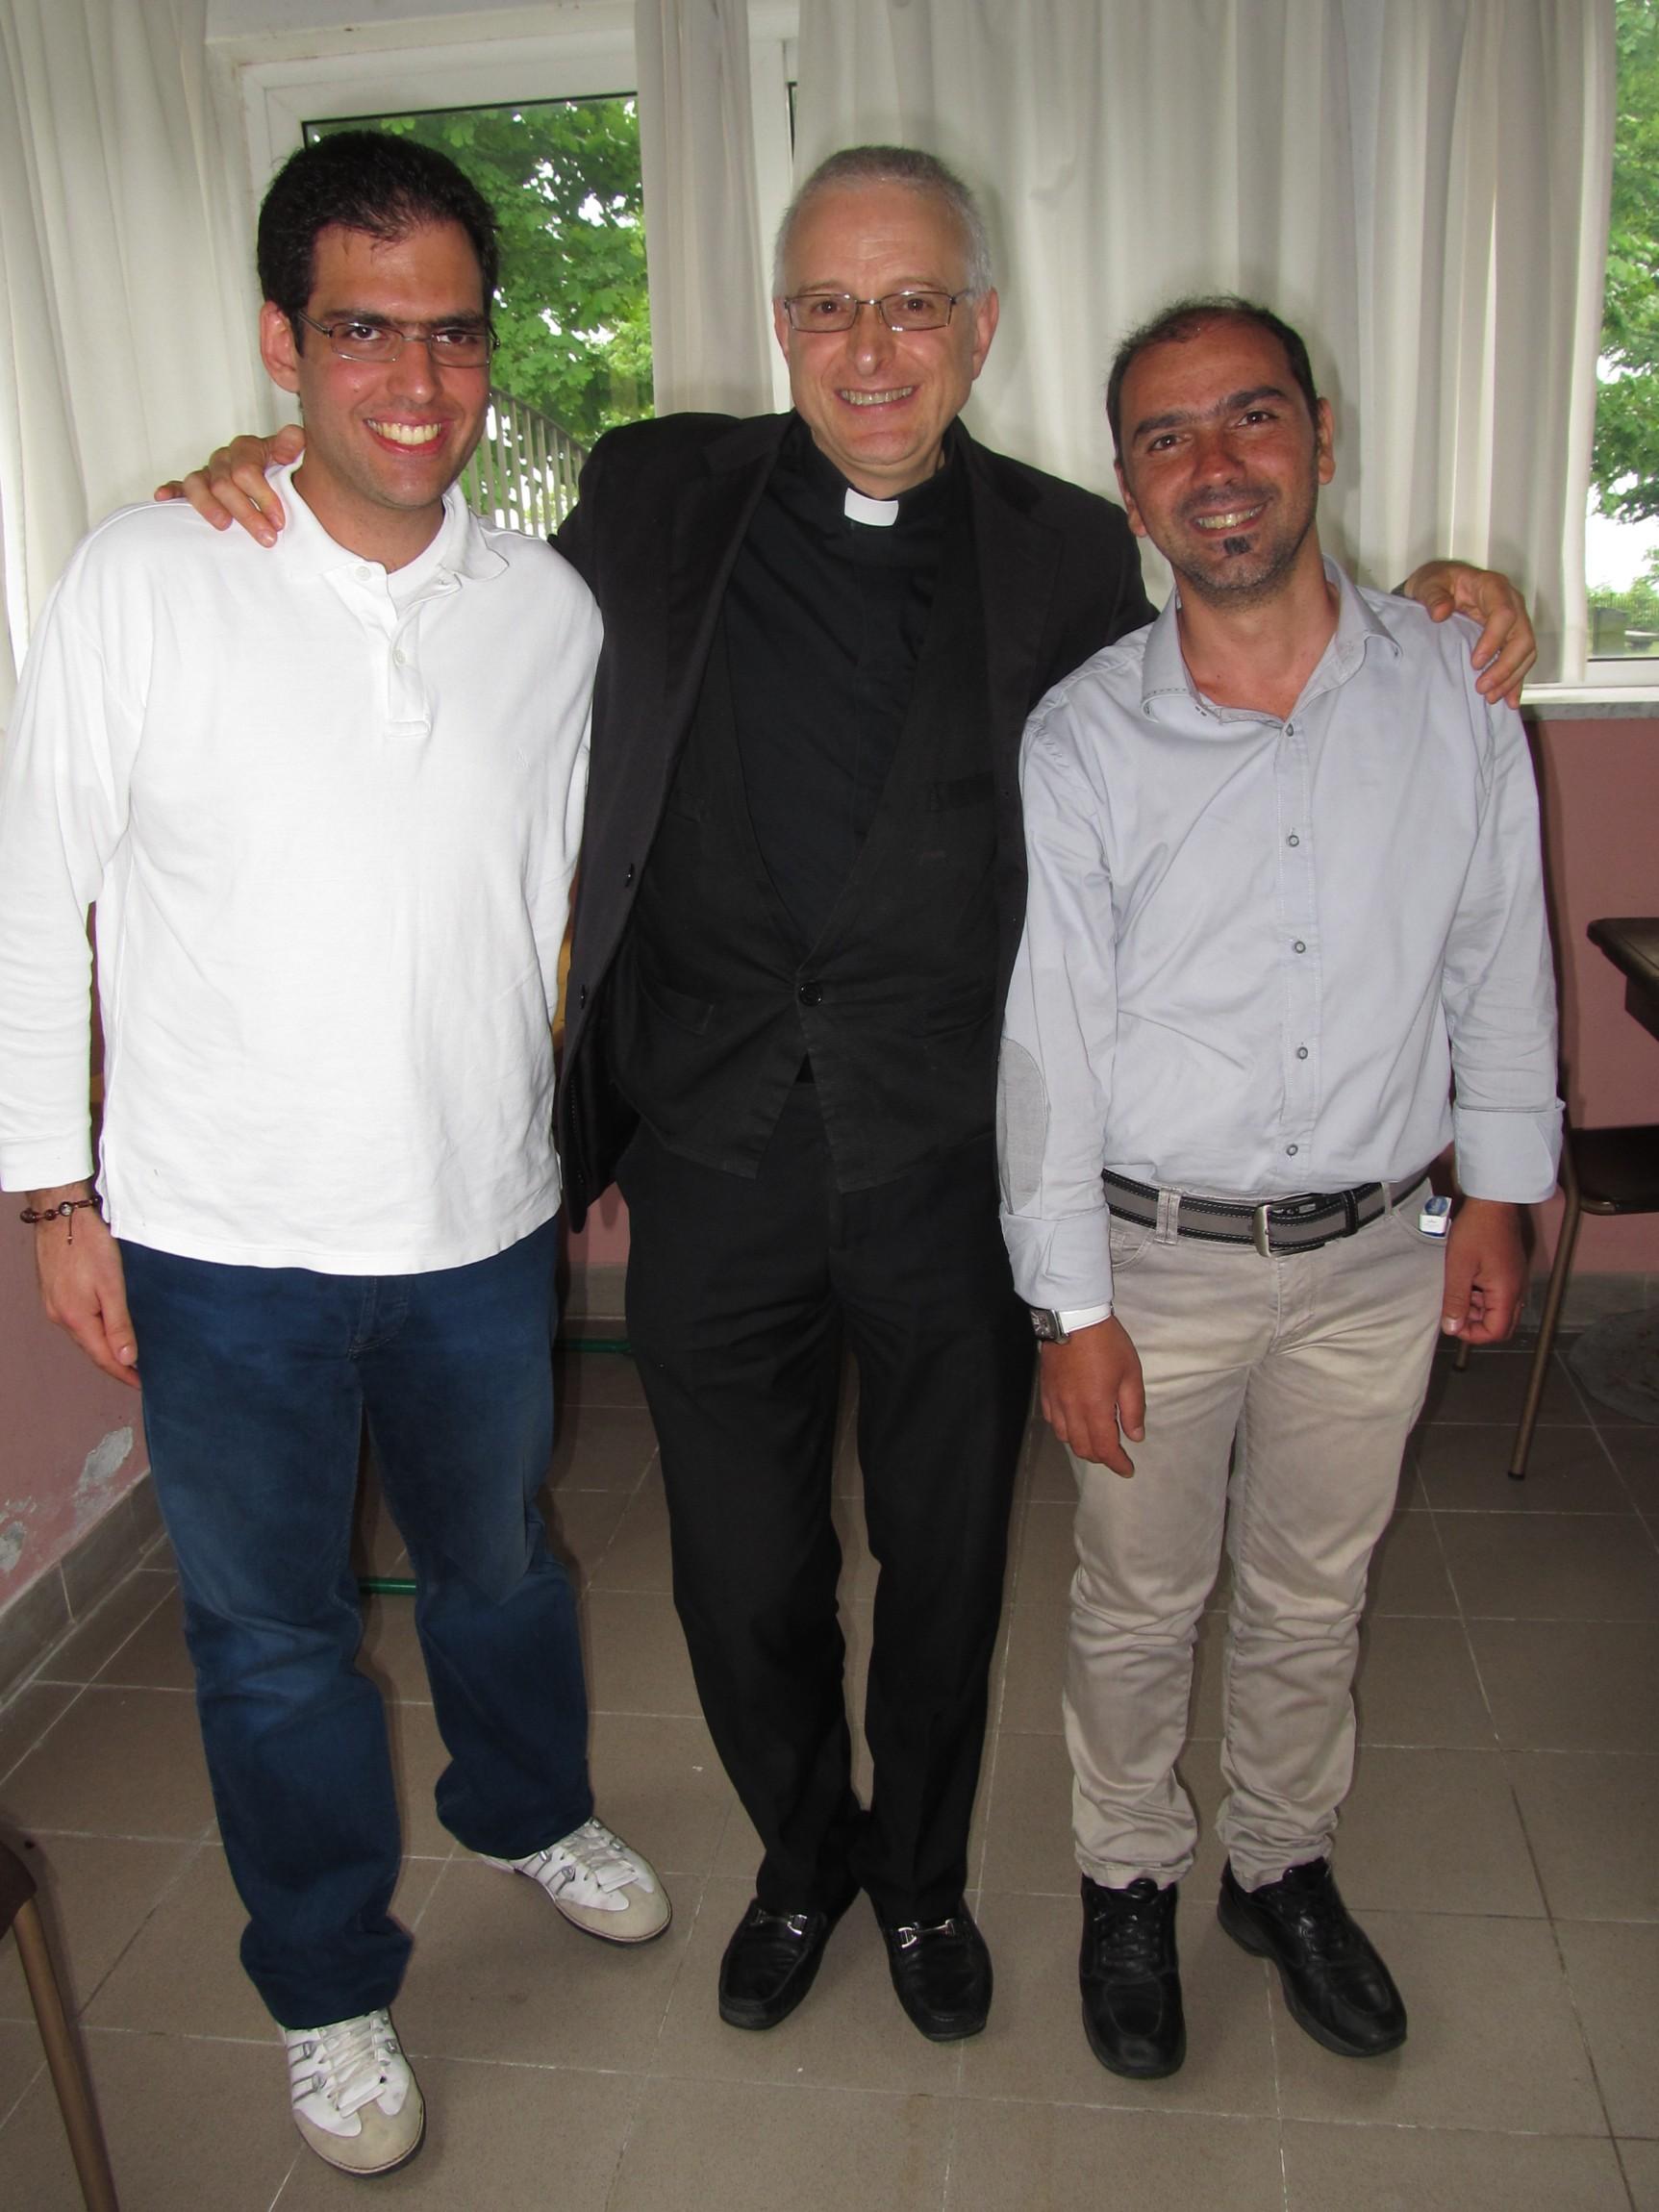 pellegrinaggio_vicariale_guardia_2014-06-15-13-49-23